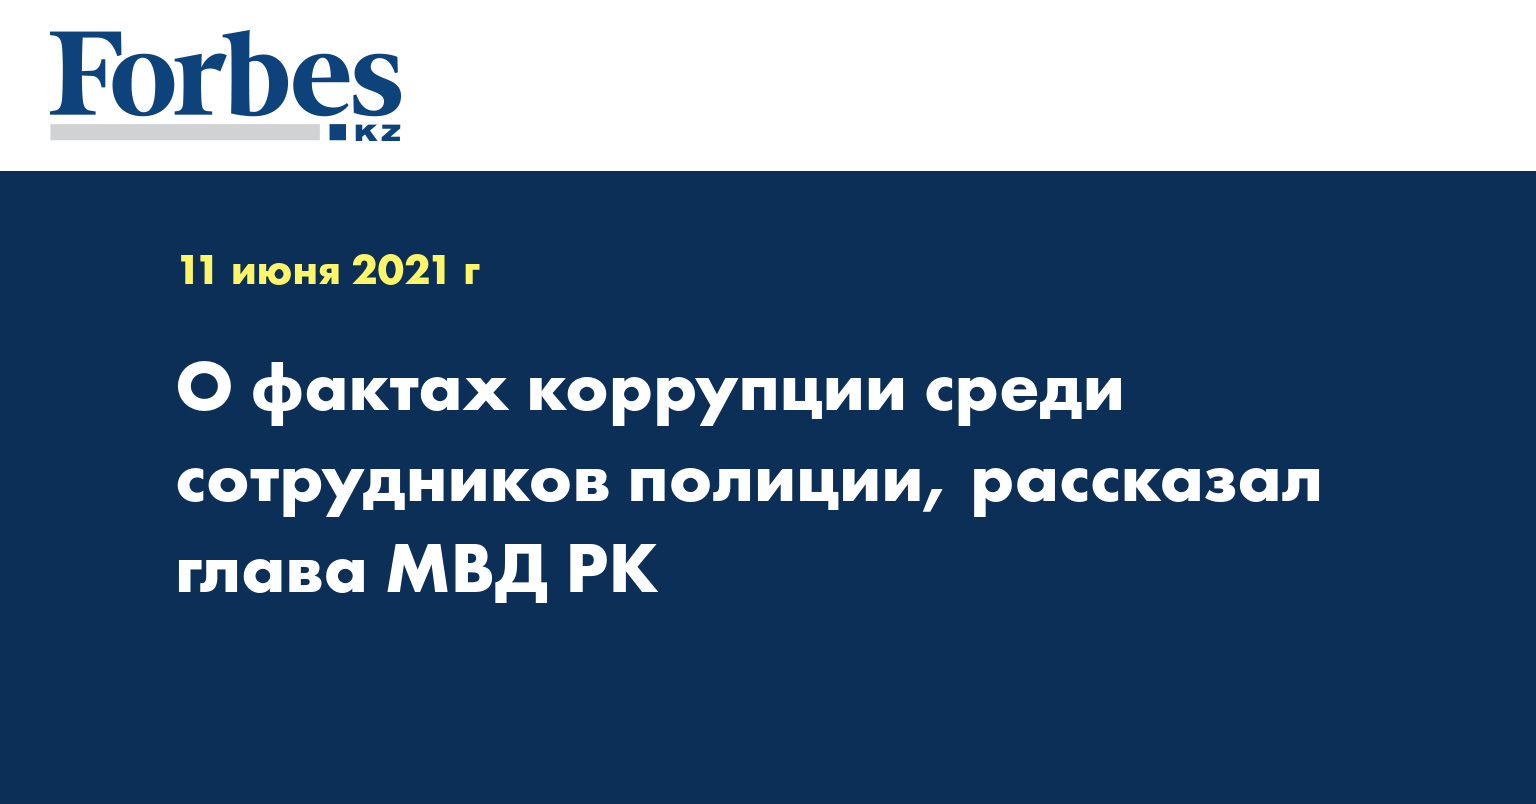 О фактах коррупции среди сотрудников полиции, рассказал глава МВД РК